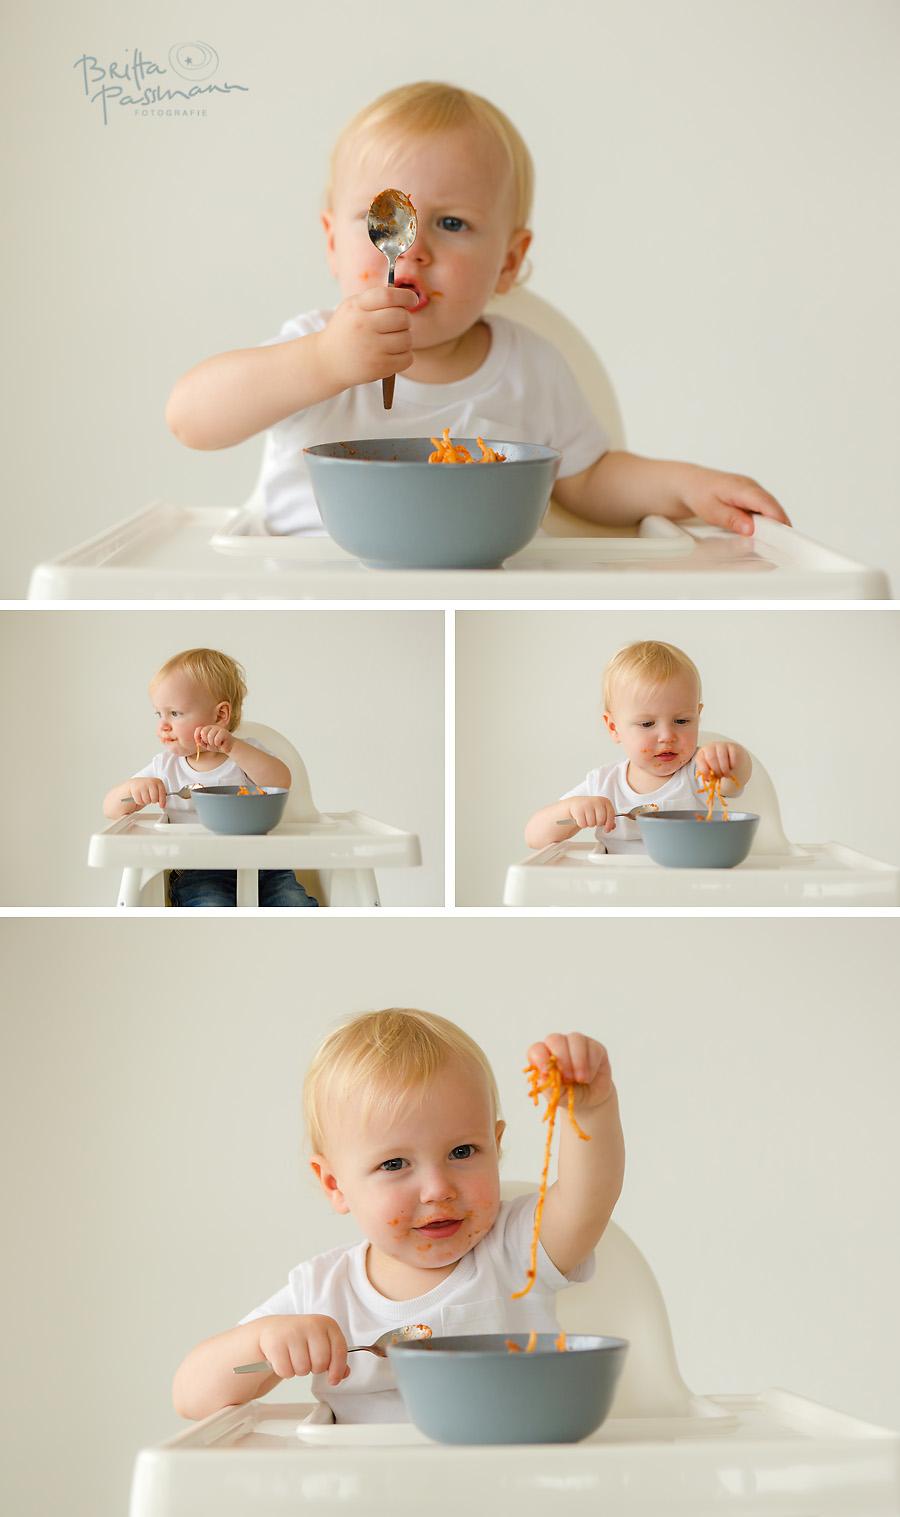 Babyfotos Nudeln Fotoshooting Dortmund essen alleine essen Fotoshooting